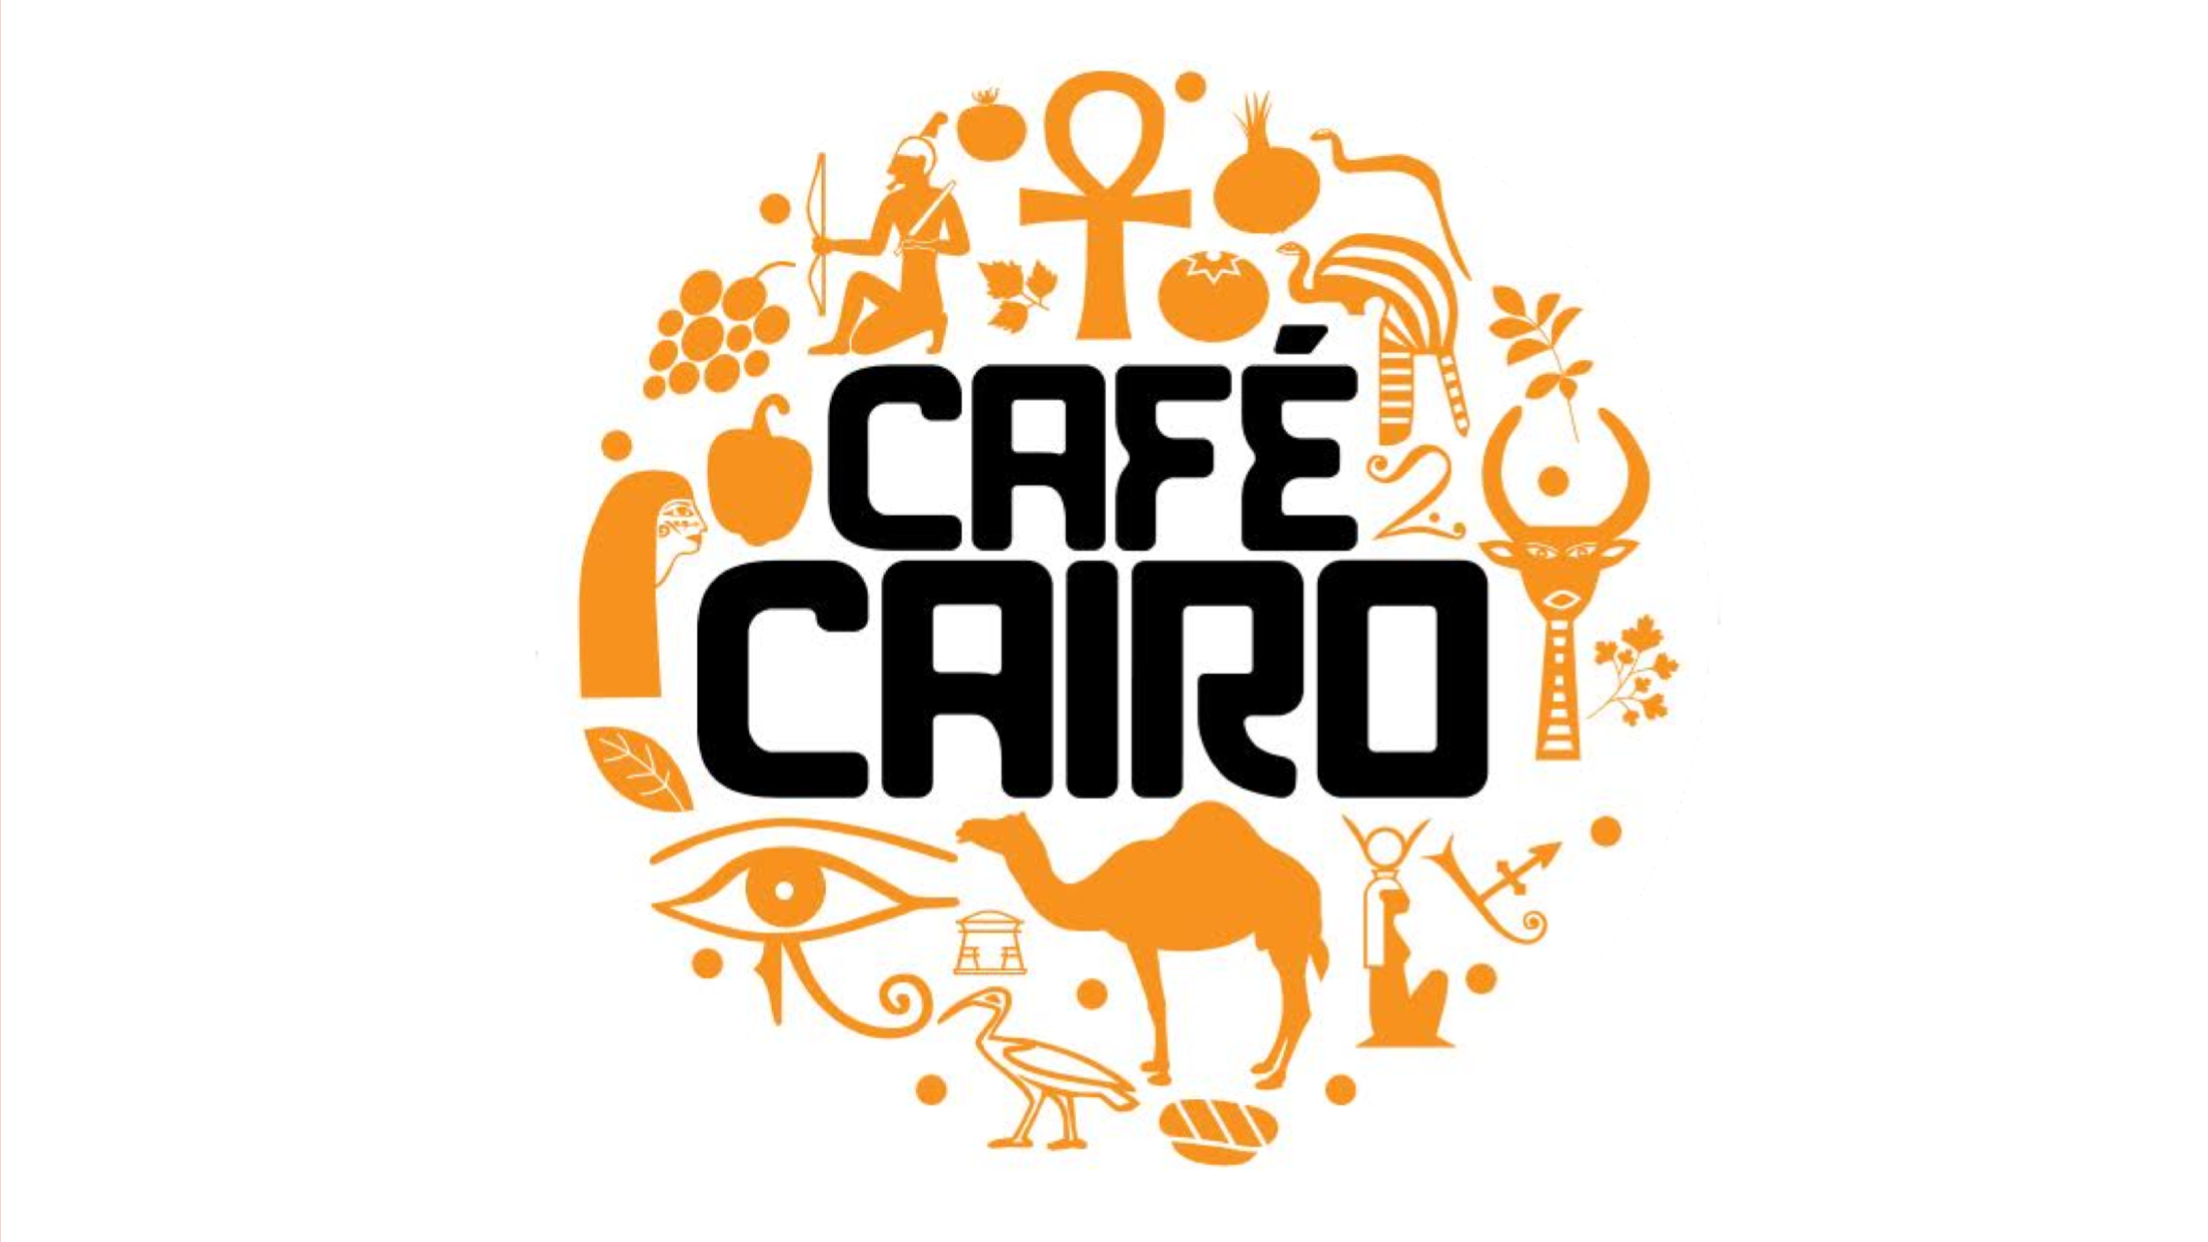 CAFE CAIRO